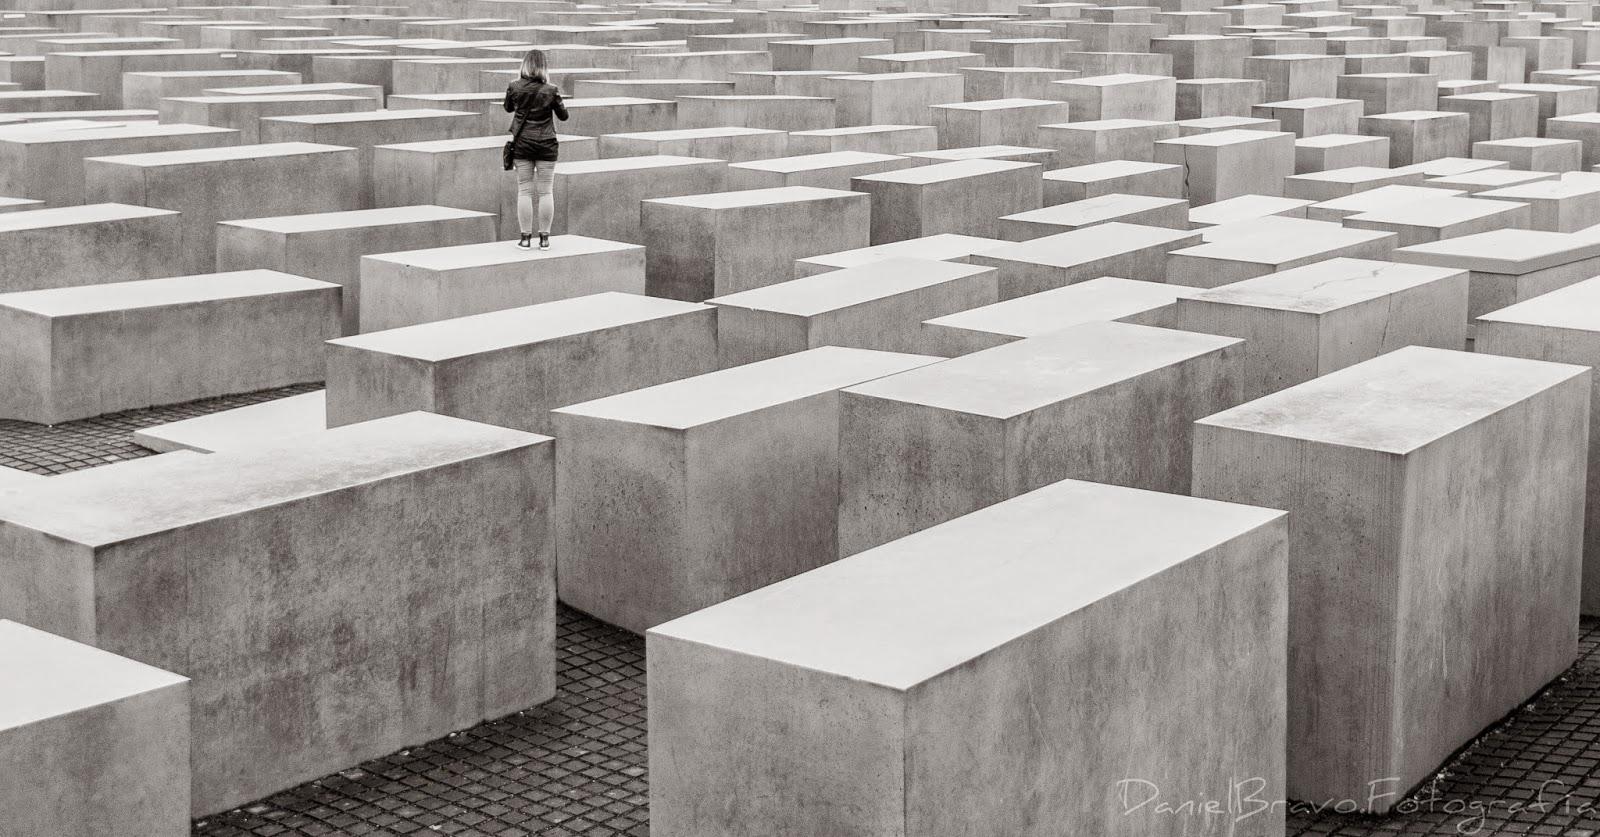 Mausoleo al Holocausto, Berlín, bloques de cemento, monumento a los judíos en Berlín, Berlin, blanco y negro